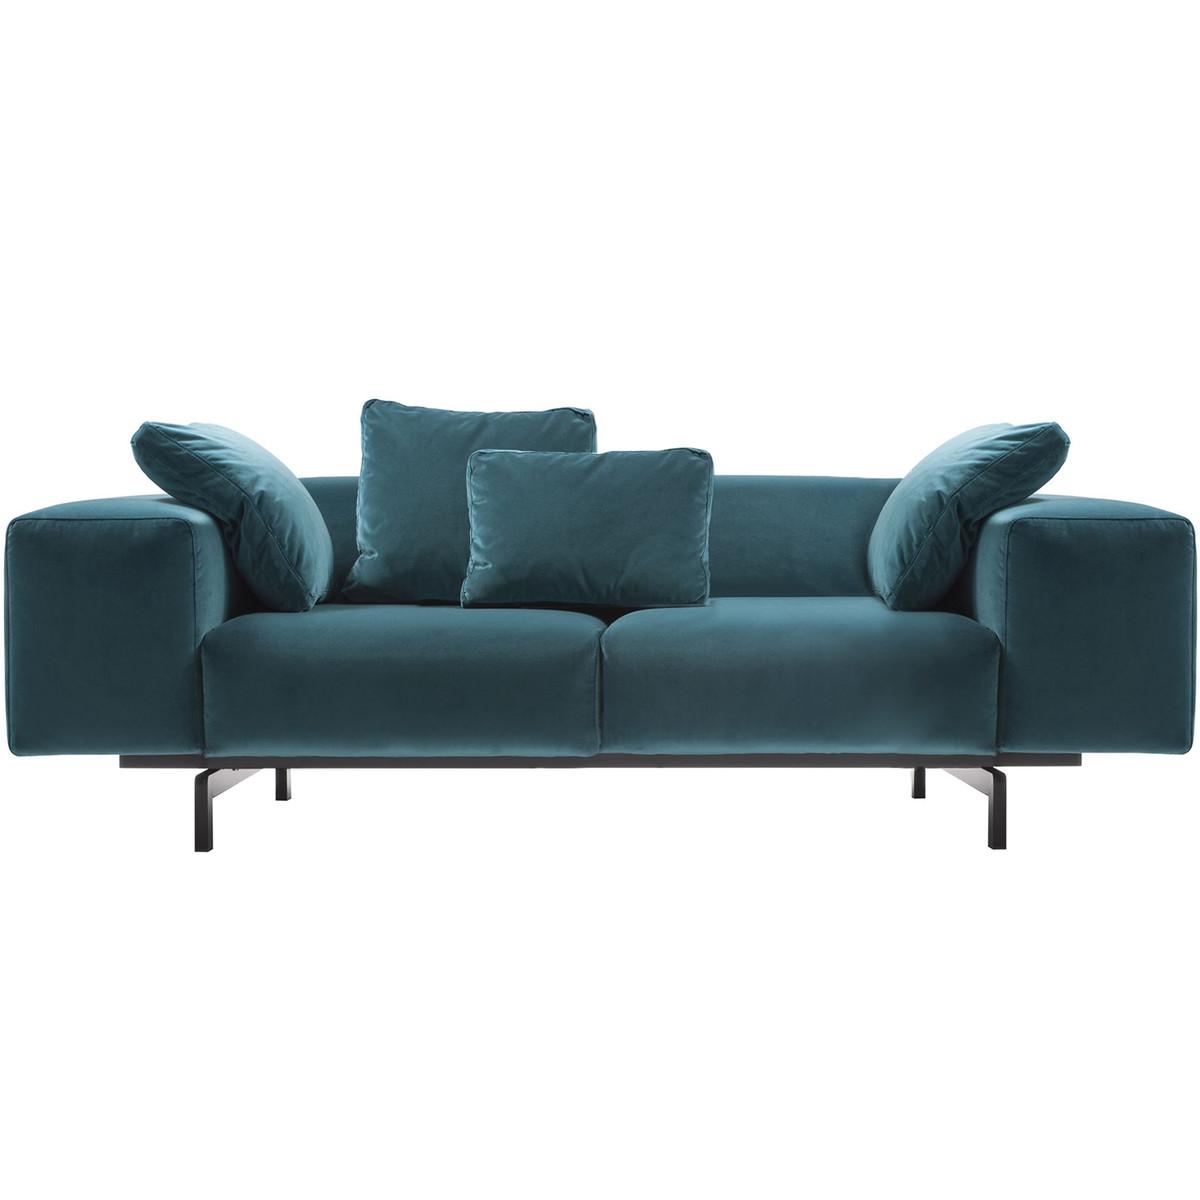 Die Grüne Samt-Couch - Ja oder Nein? - Alles was du brauchst um dein ...